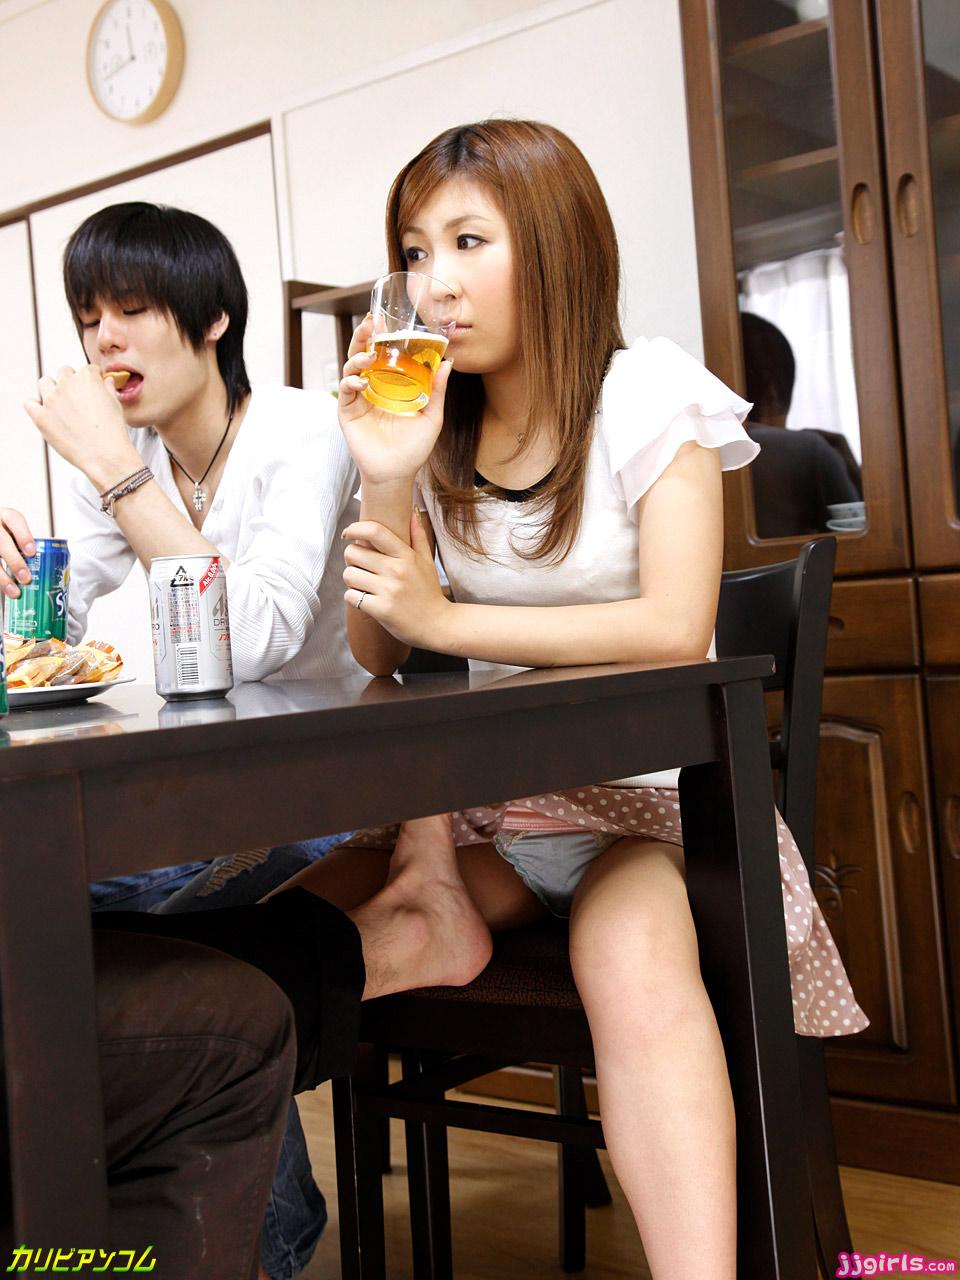 Phim loạn luân Japan với chị gái ngực to